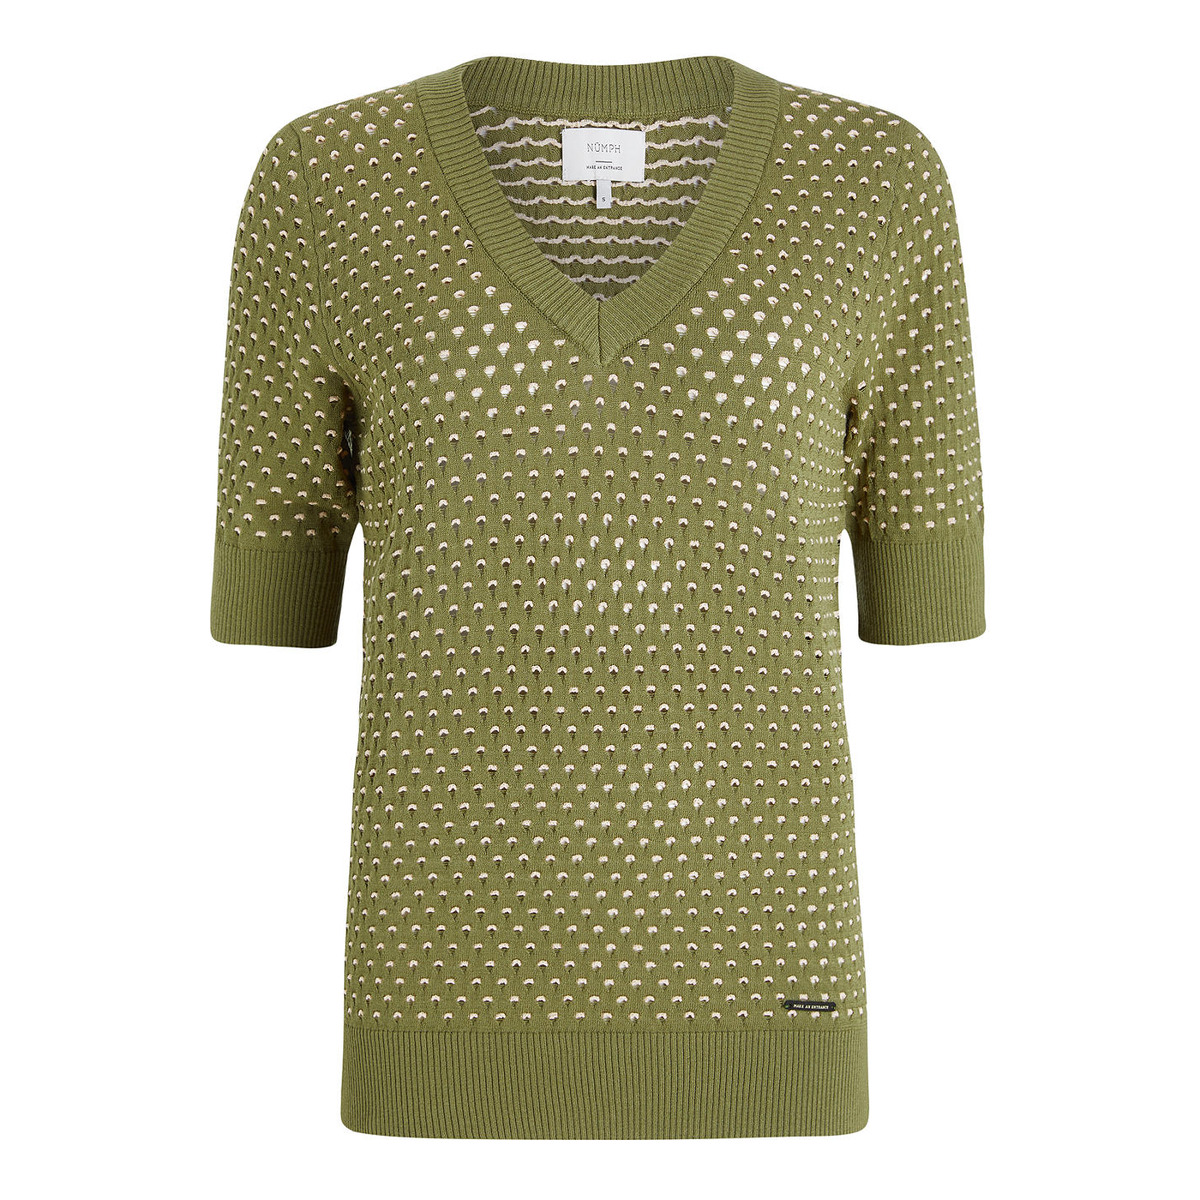 Den smukke NuBrynn Pullover i flot olivengrøn nuance. Nümph Nubrynn Pullover